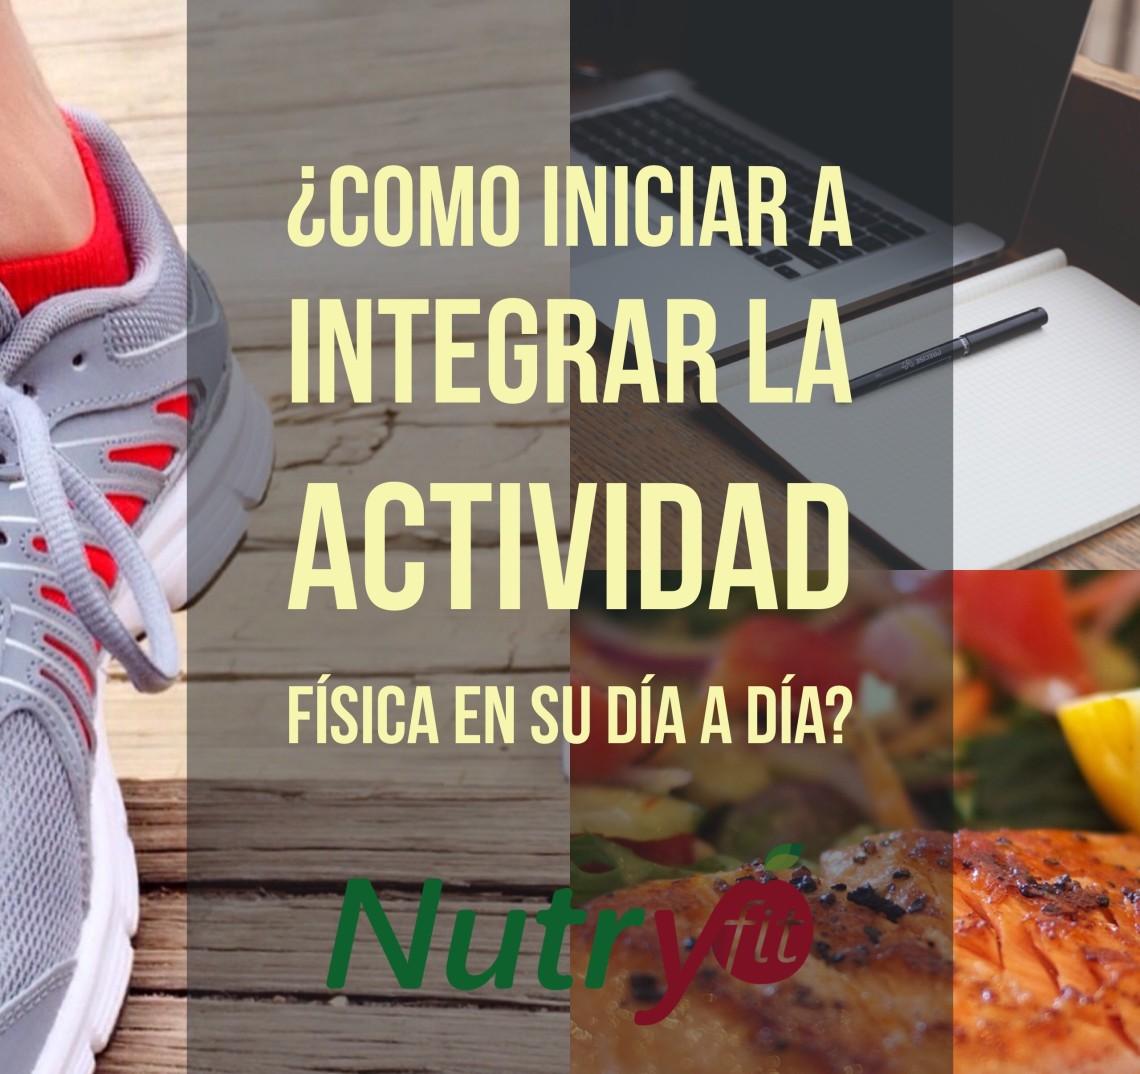 nutrytfit, Mejor nutricionista Bogota, Nutricionista, Nutricionista Diana Rojas,  Nutricionista Oncológica, Nutryfitco, Mejor nutricionista Bogotá